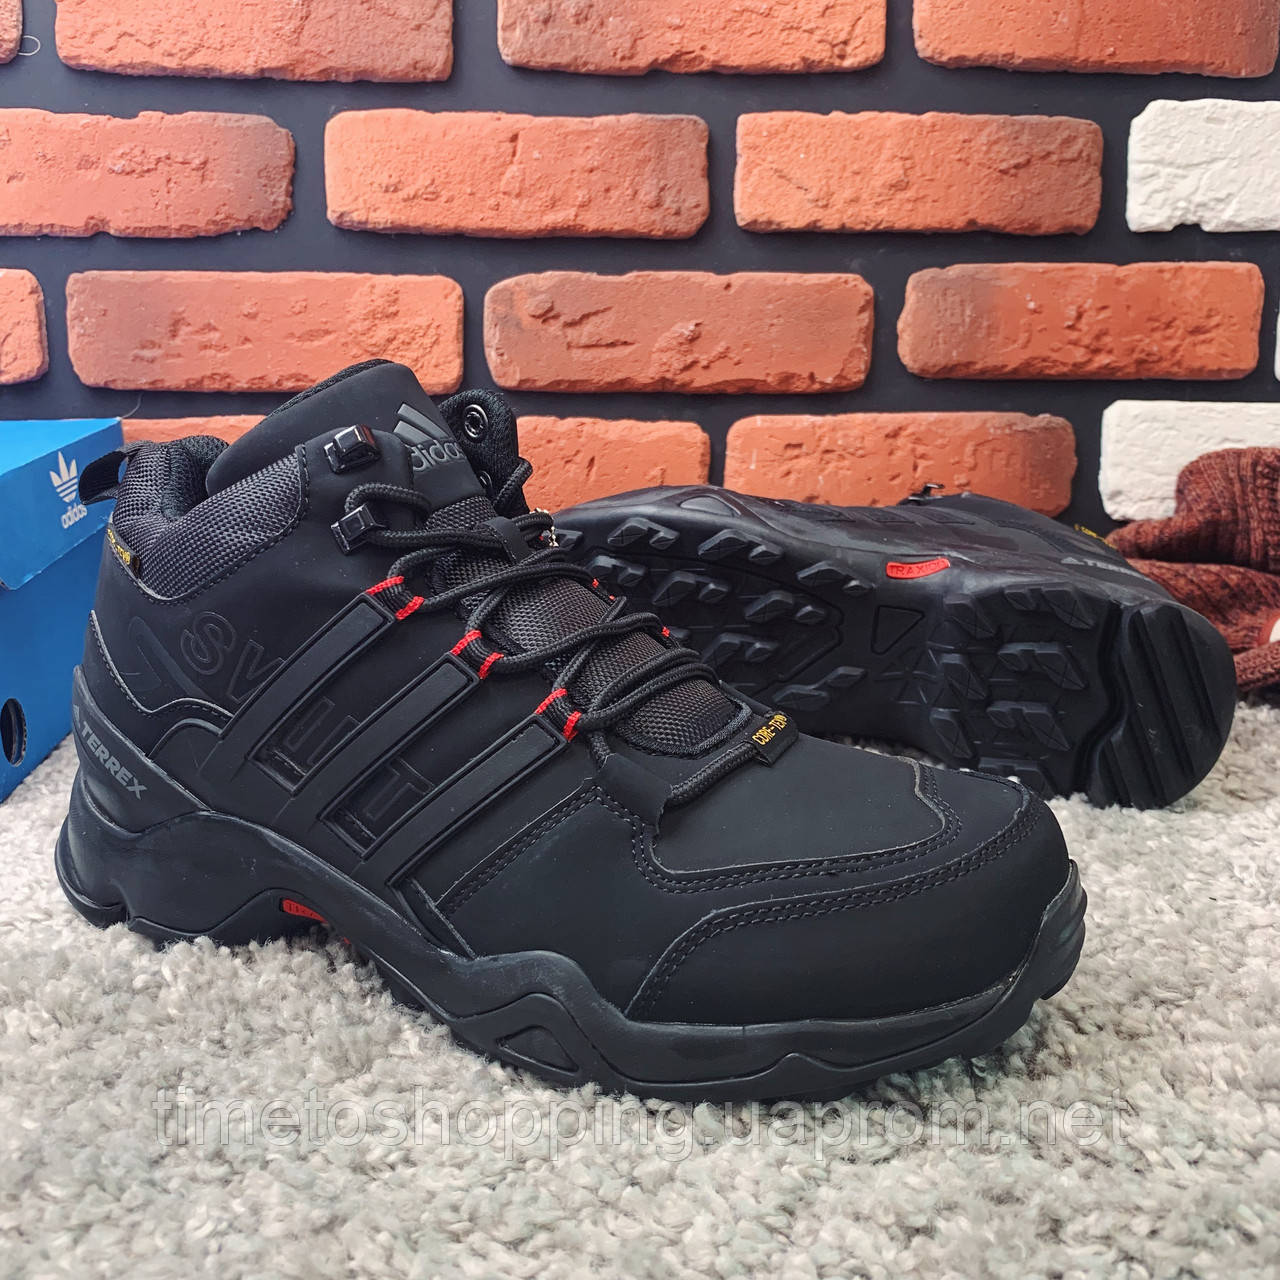 Зимние ботинки (на меху) мужские Adidas Terrex 3-120 ⏩РАЗМЕР [43,44 ]